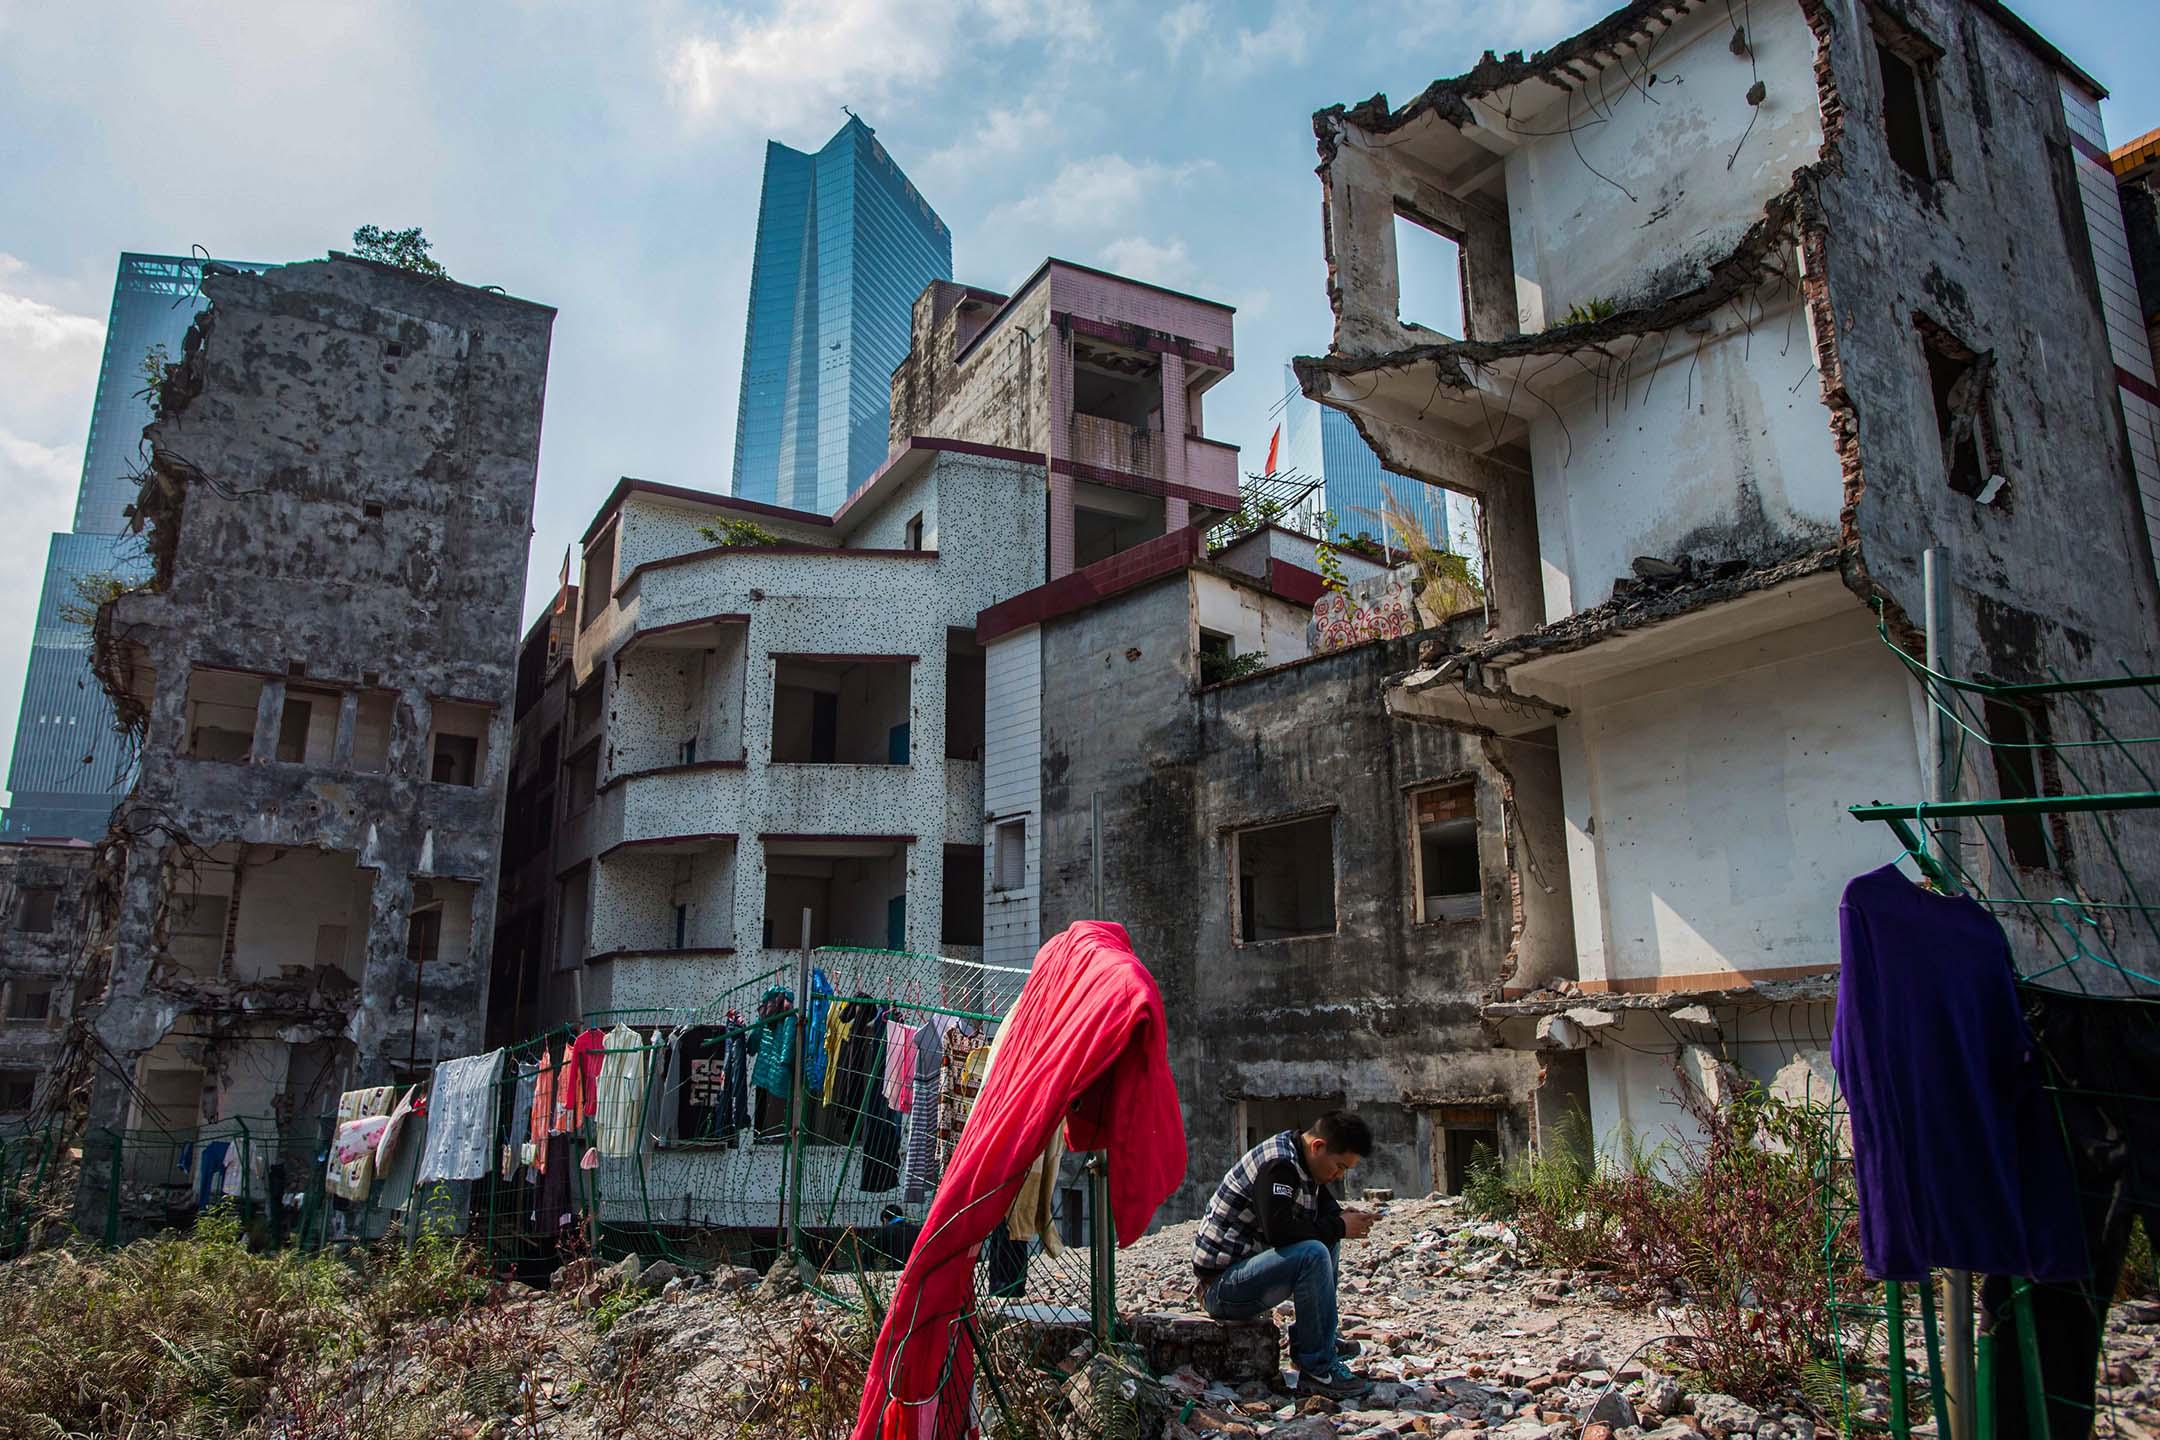 2016年3月3日廣州,一名男子坐在一個城中村内拆毀的住宅樓房旁。